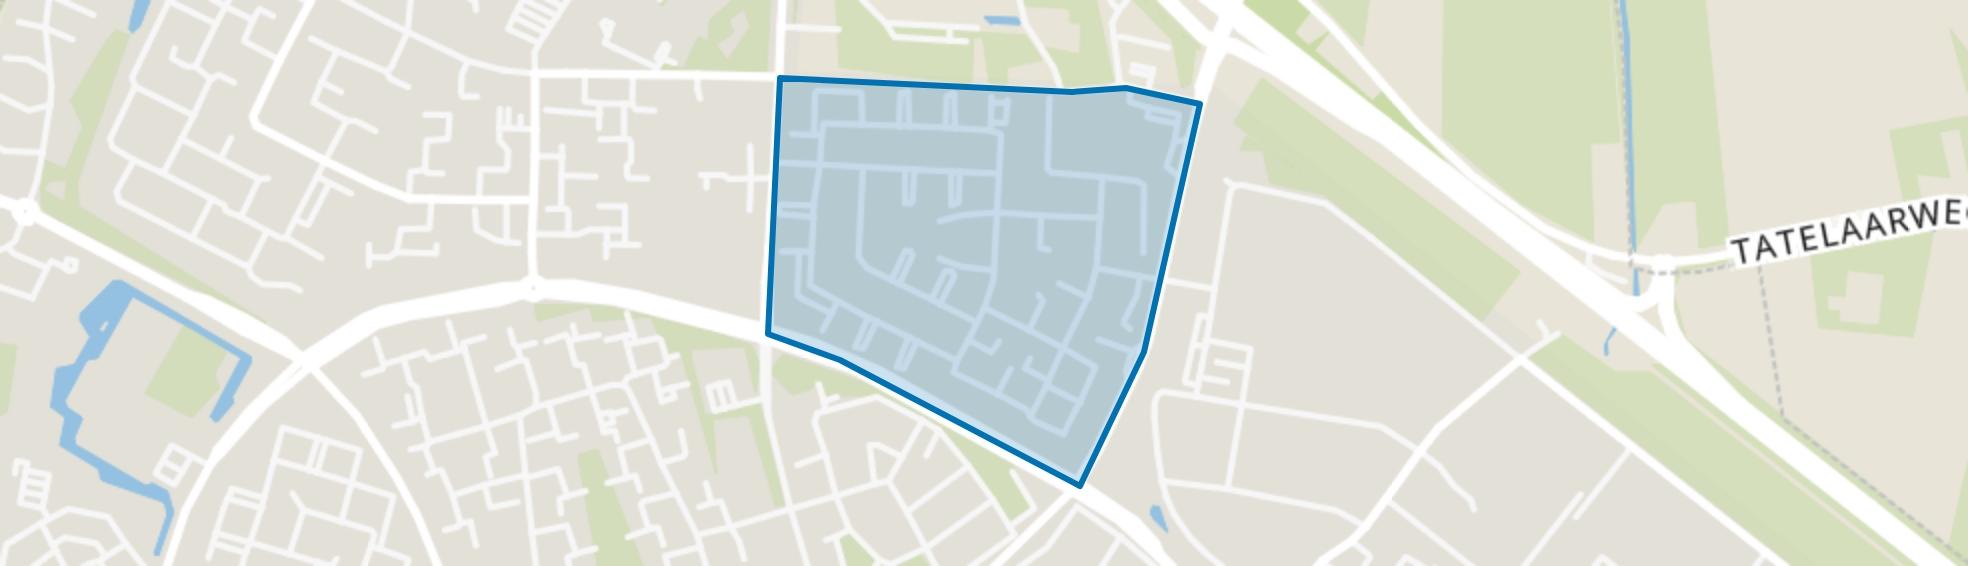 Lentemorgen II, Zevenaar map